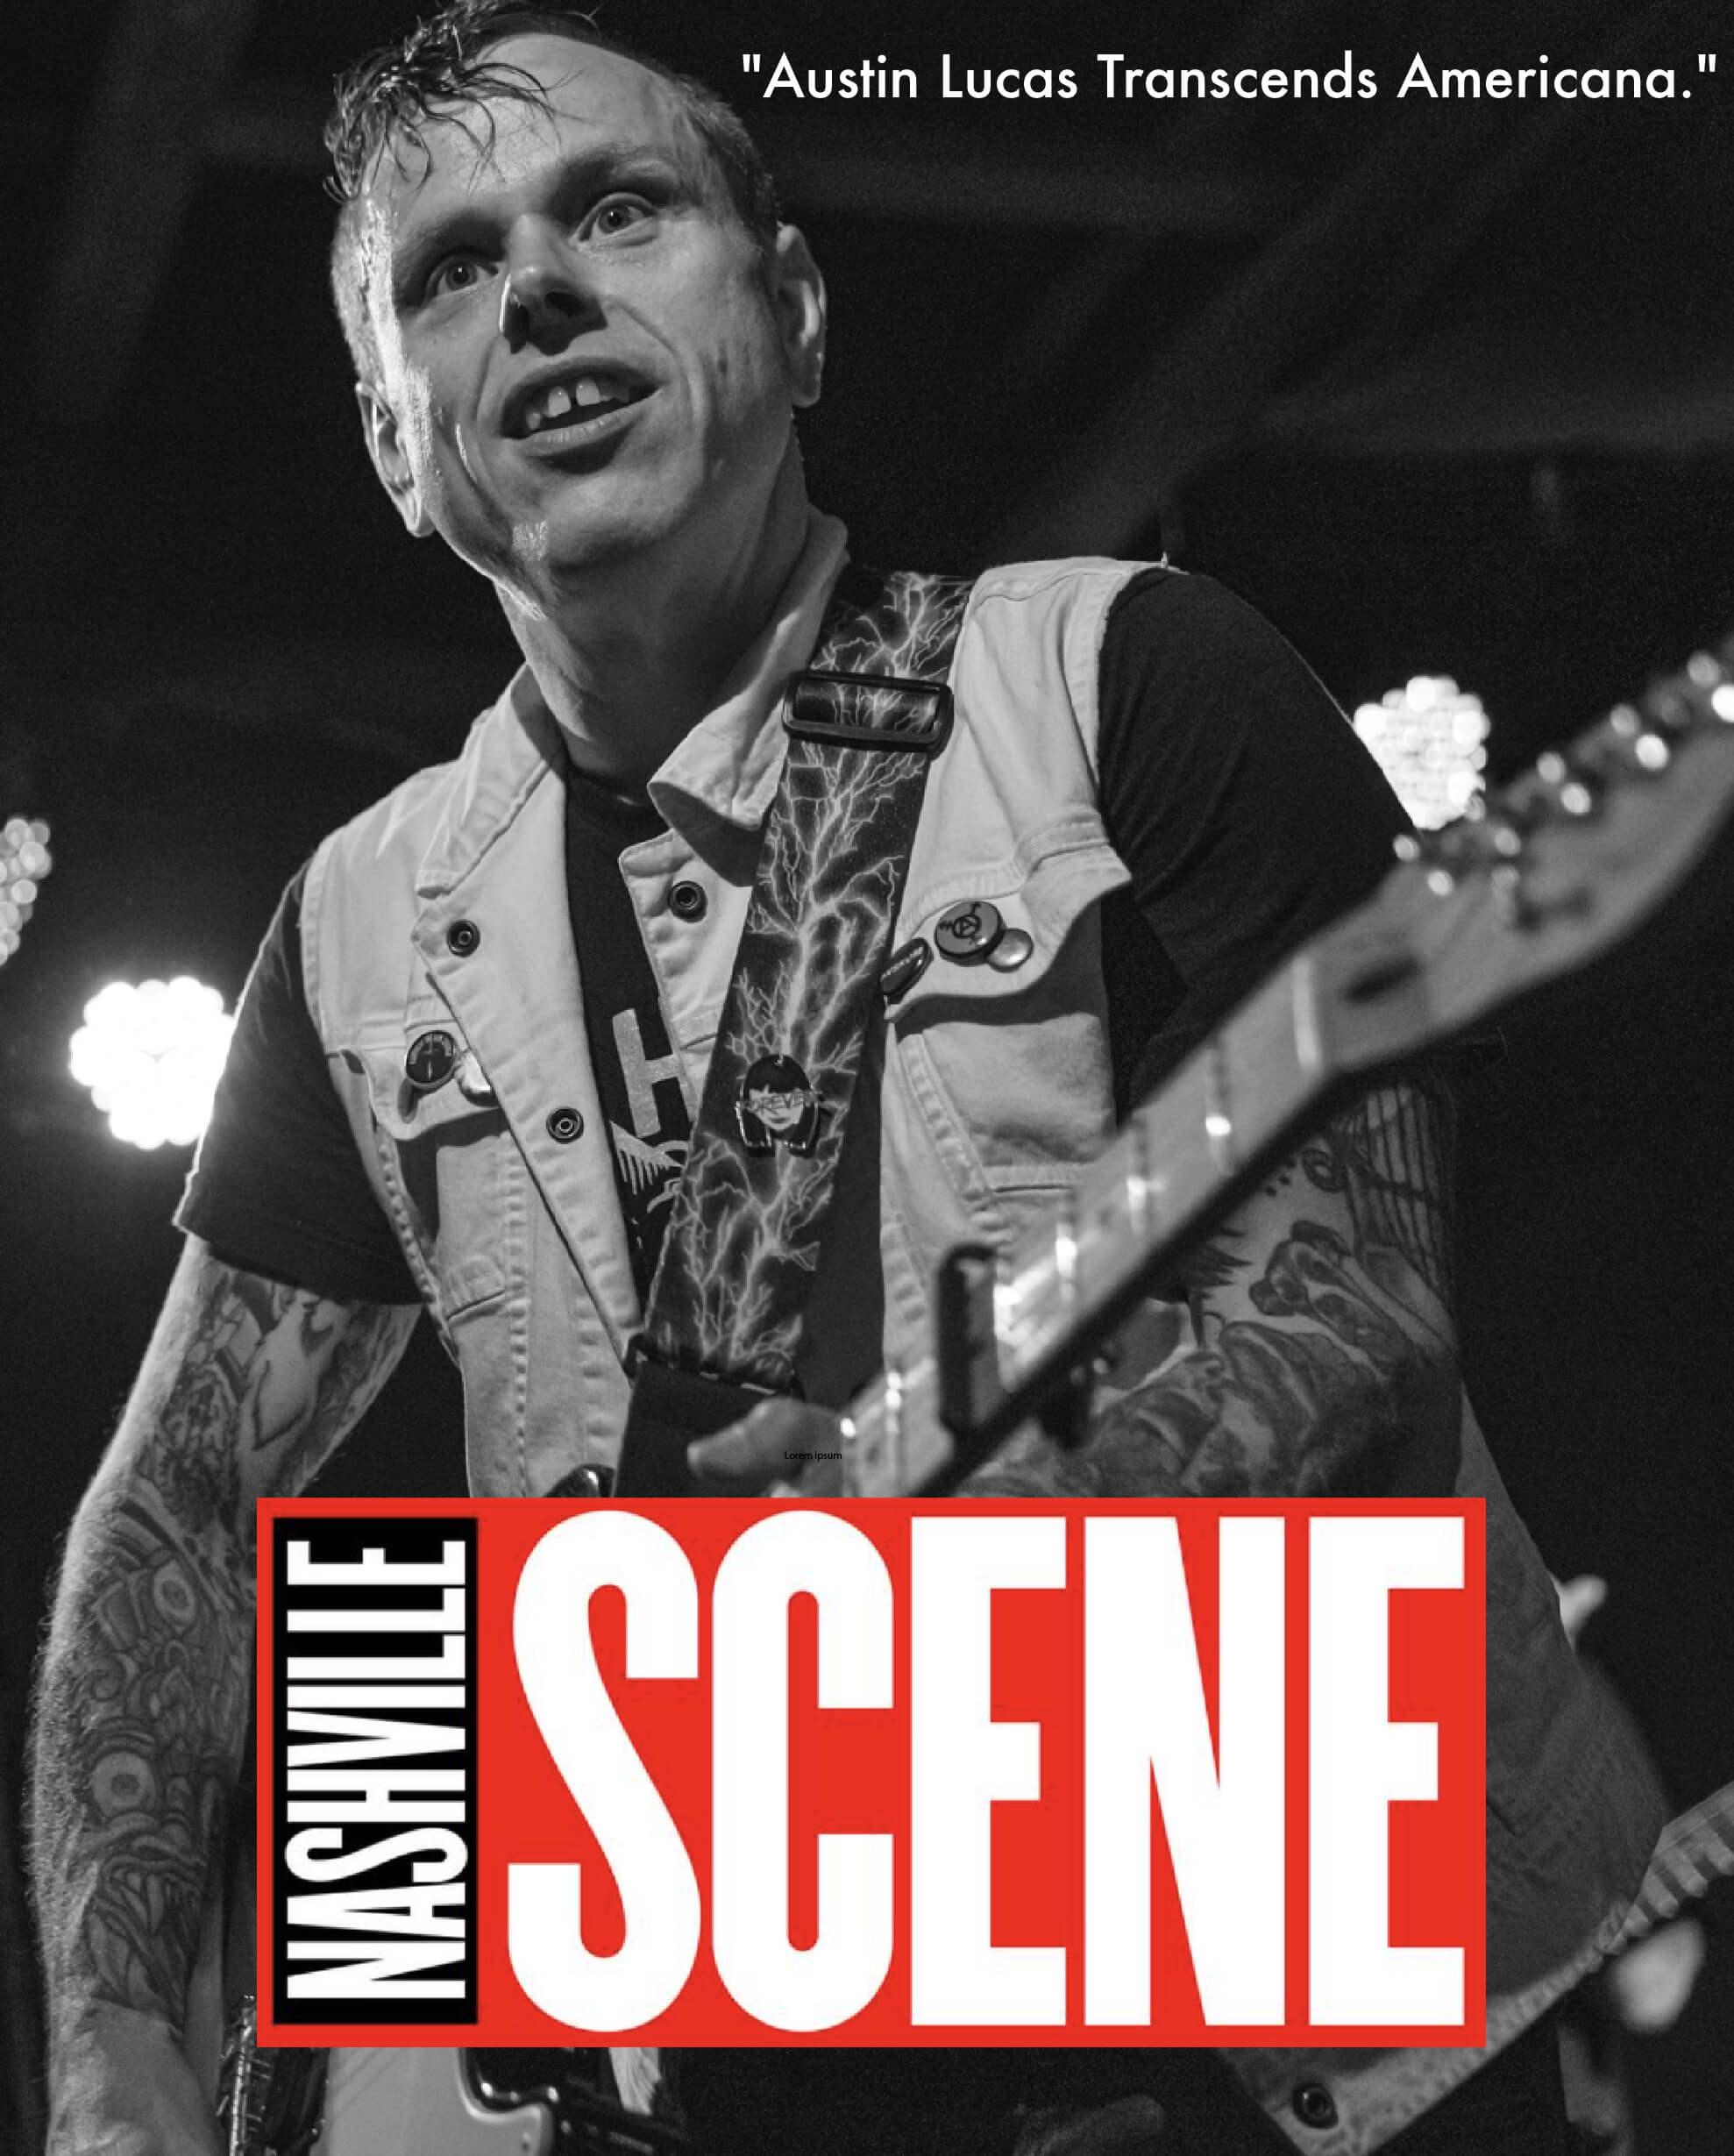 Nashville Scene Review Austin Lucas